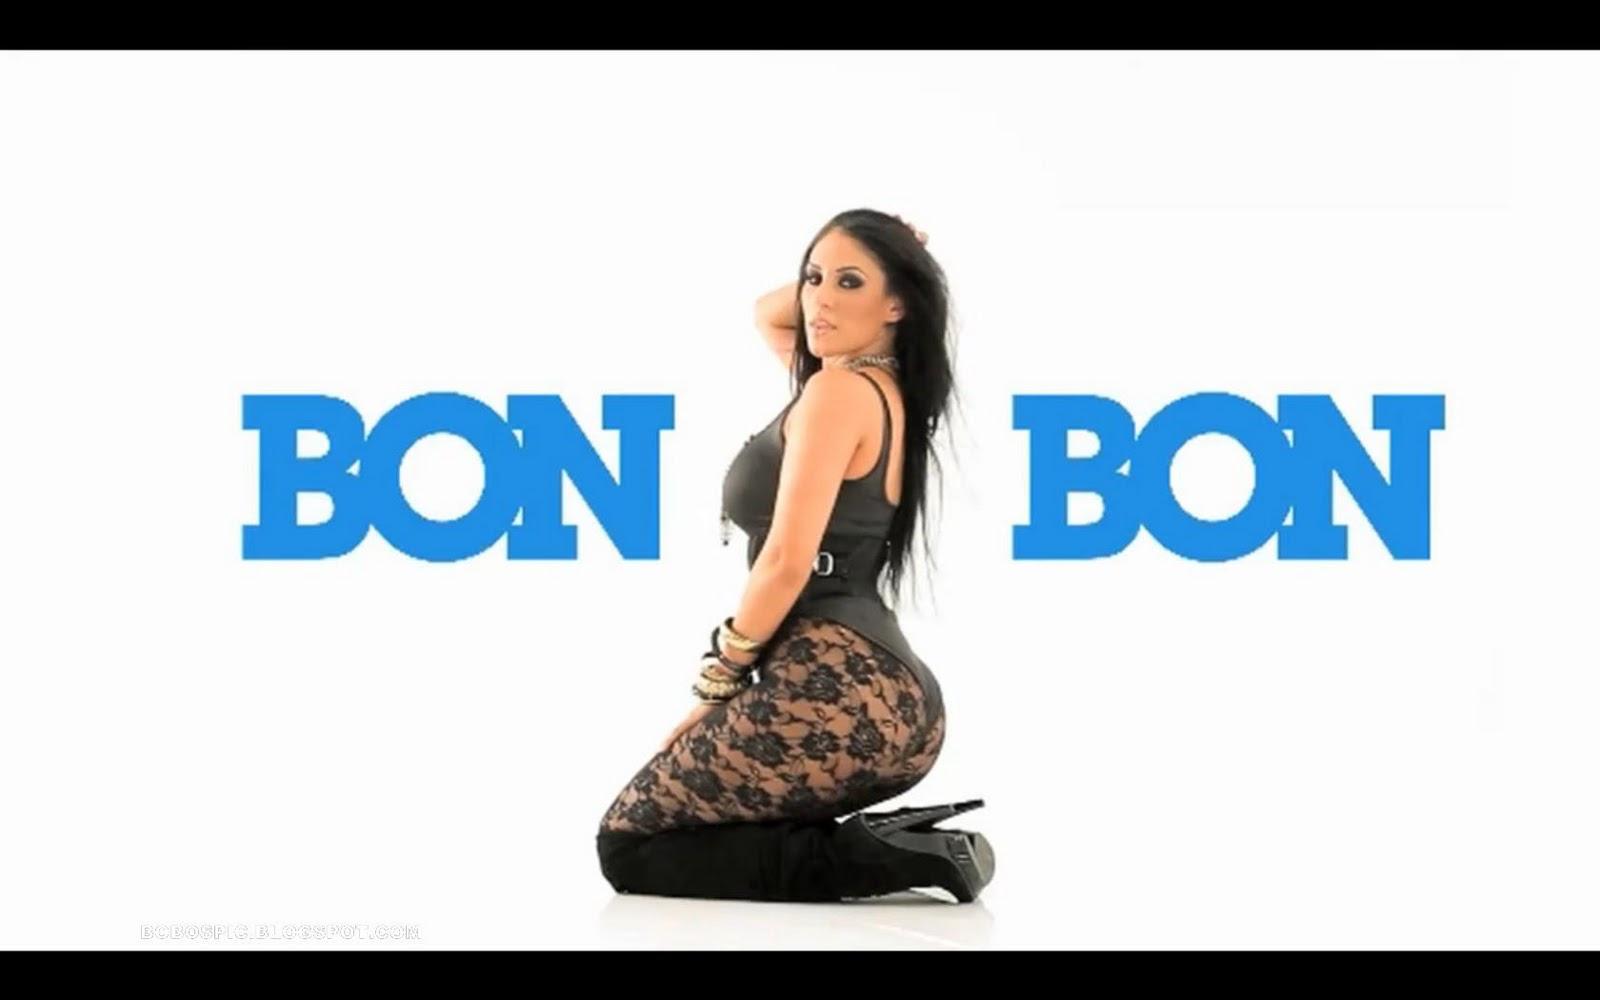 http://2.bp.blogspot.com/-gkpGPsxVpXQ/TpcmQSiikKI/AAAAAAAAAGY/ikTn4It0zDM/s1600/Pitbull+-+Bon+Bon06.jpg